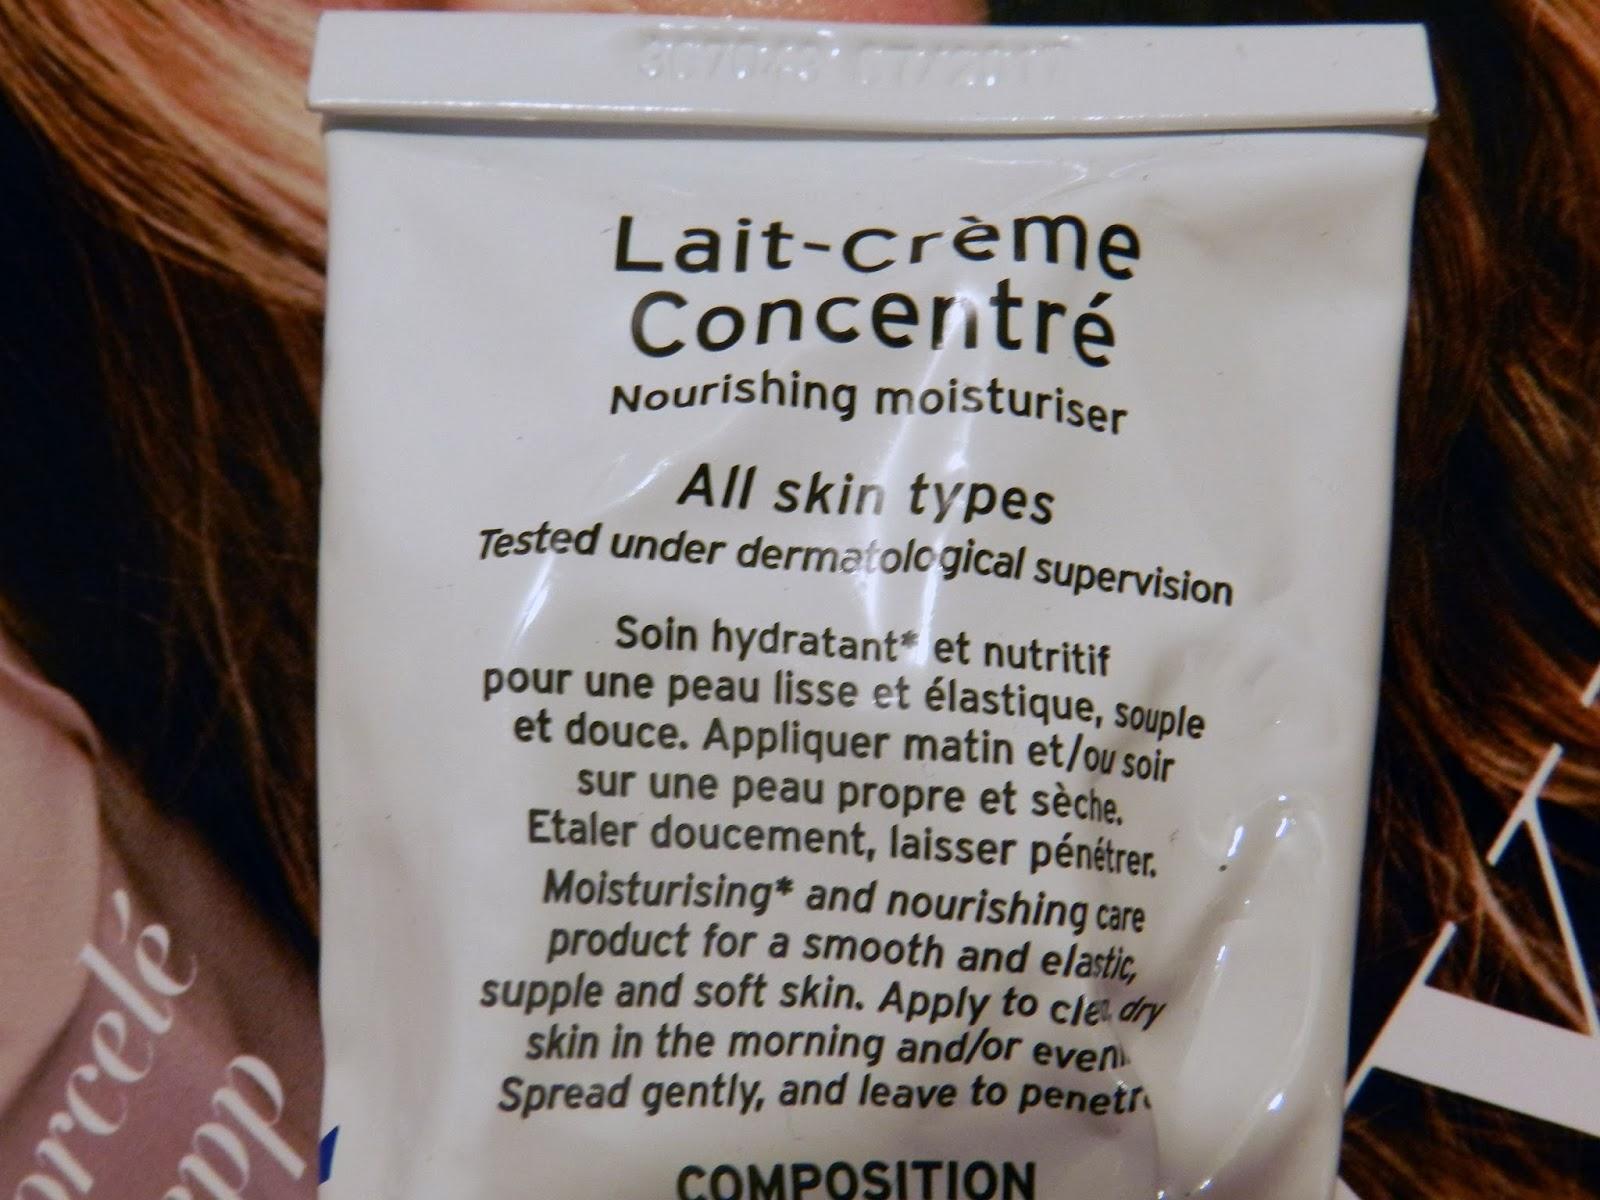 Embryolisse Lait-Crème Concentré